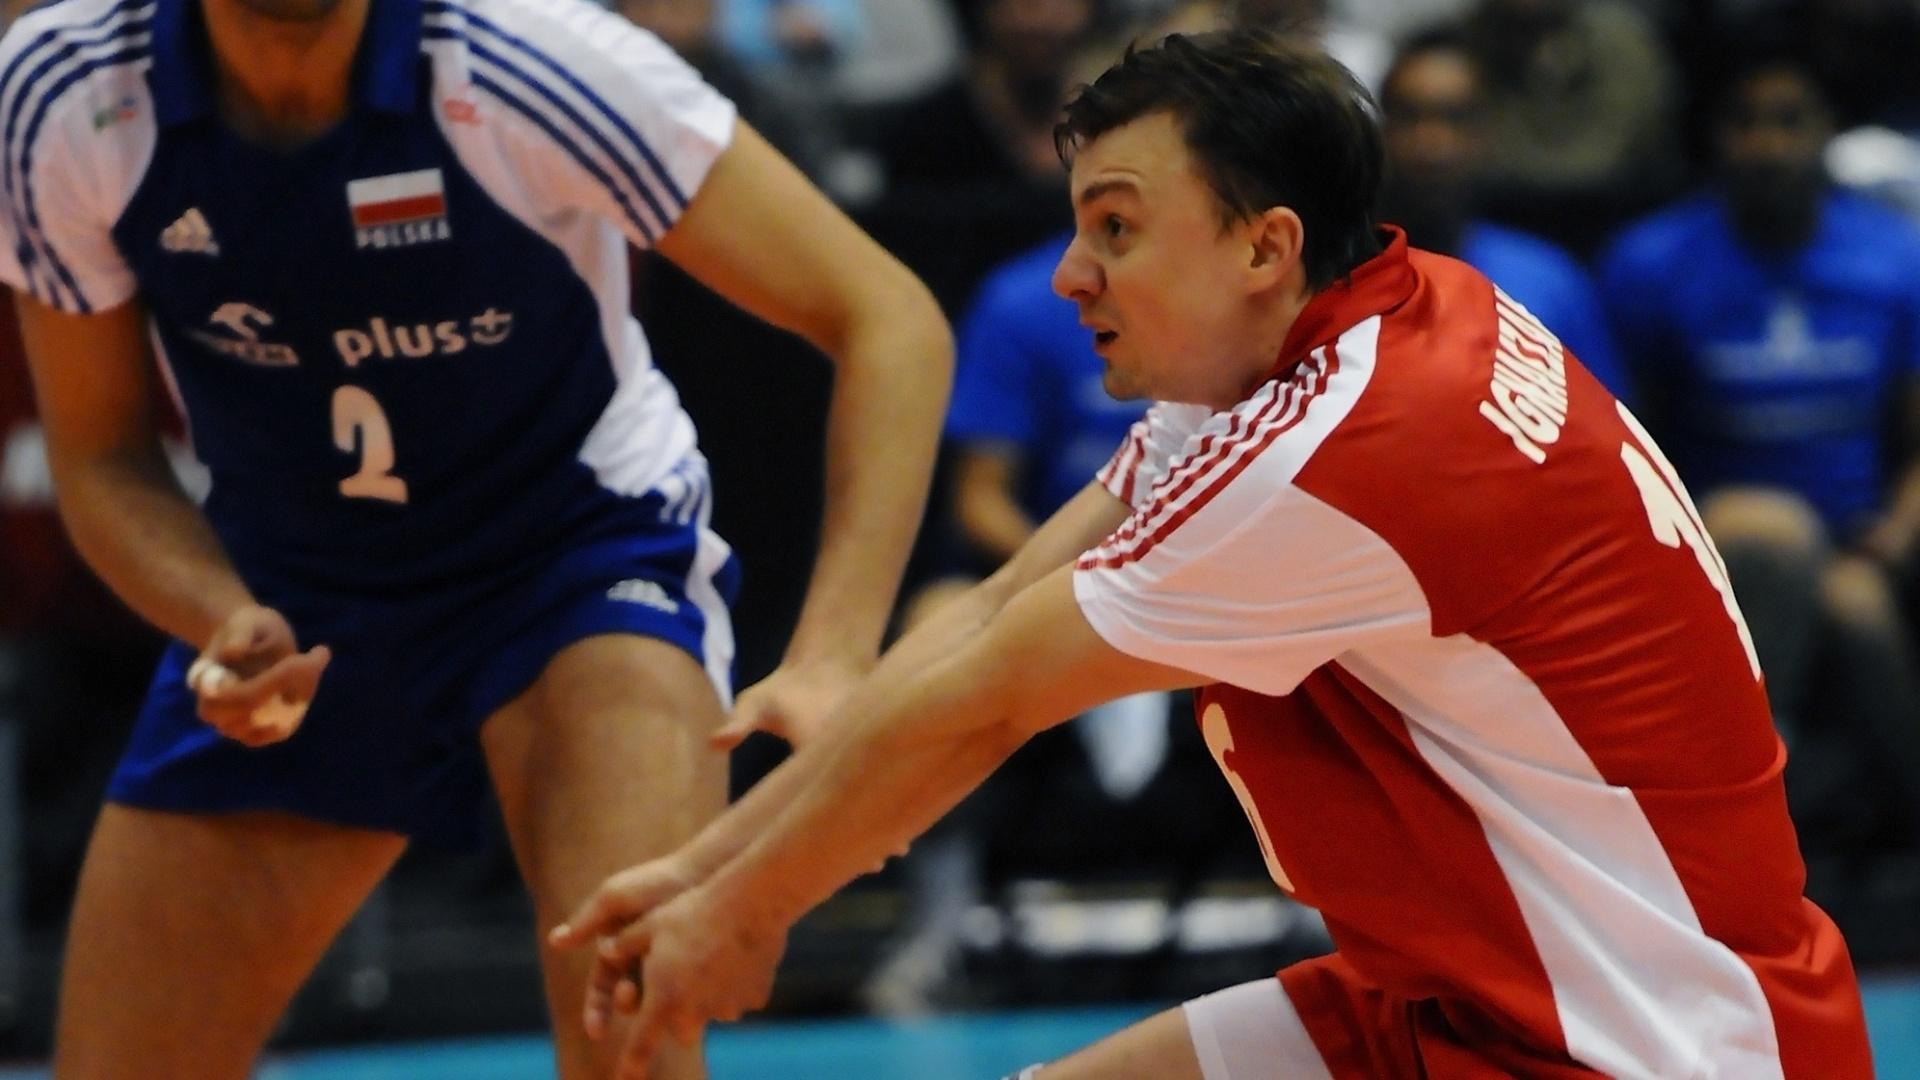 Krysztof Ignaczak, da Polônia, tenta o passe enquanto é observado pelo companheiro Michal Winiarski